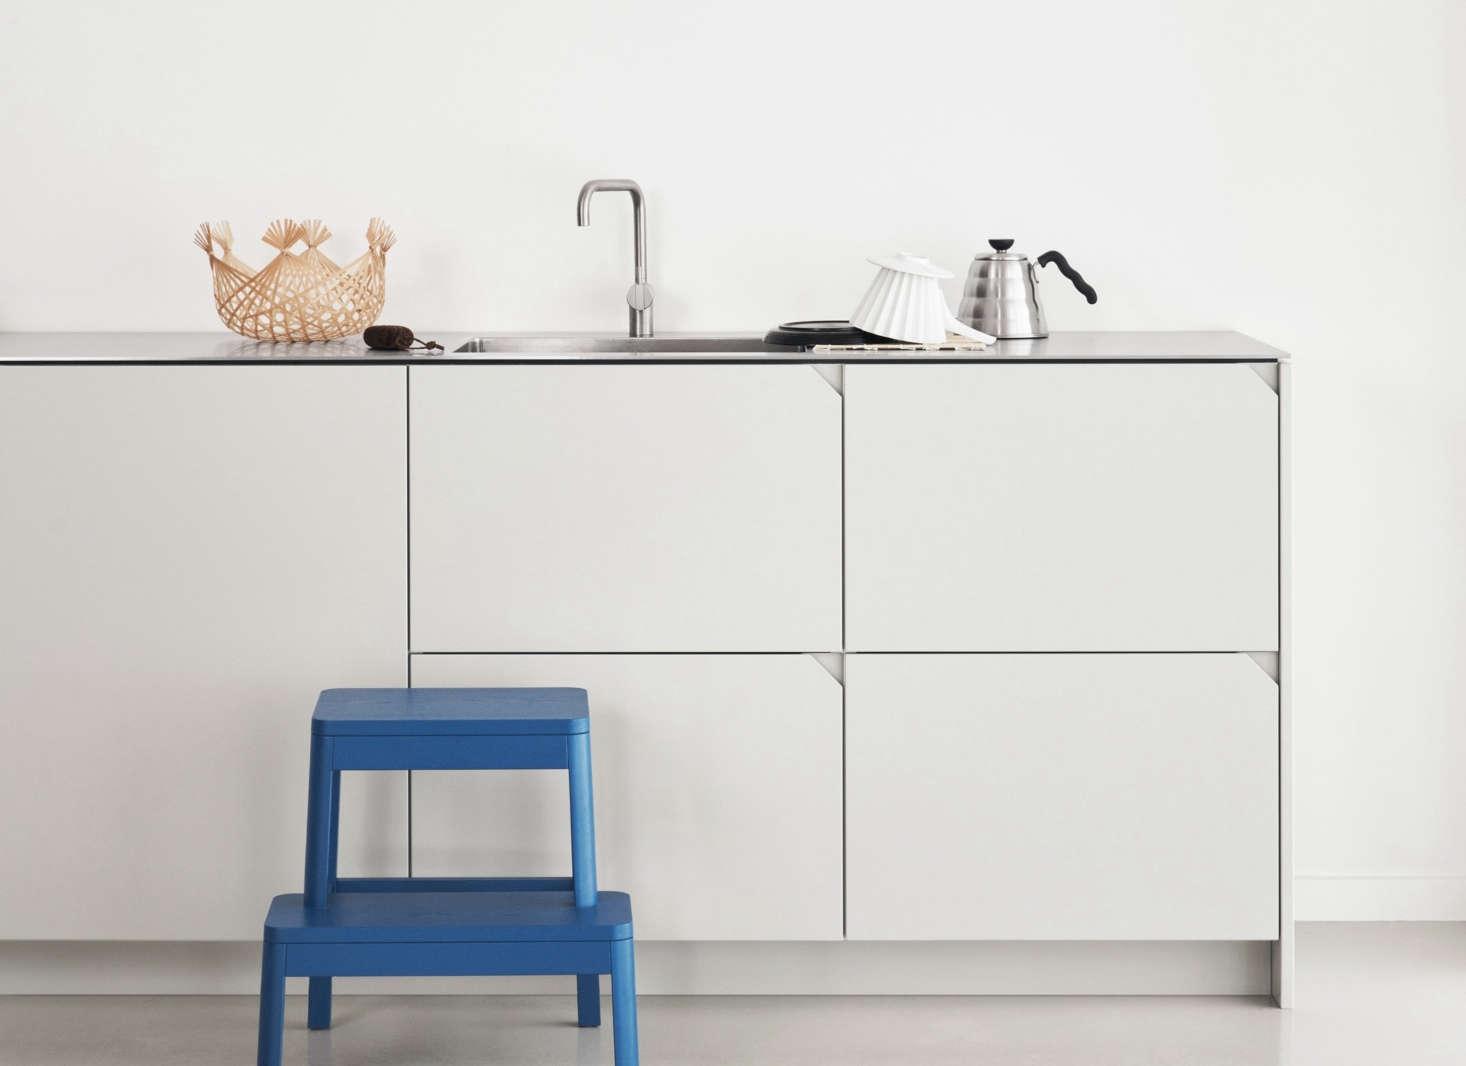 1reform degree ikea kitchen hack cabinet design by cecilie manz 7   1466x1066